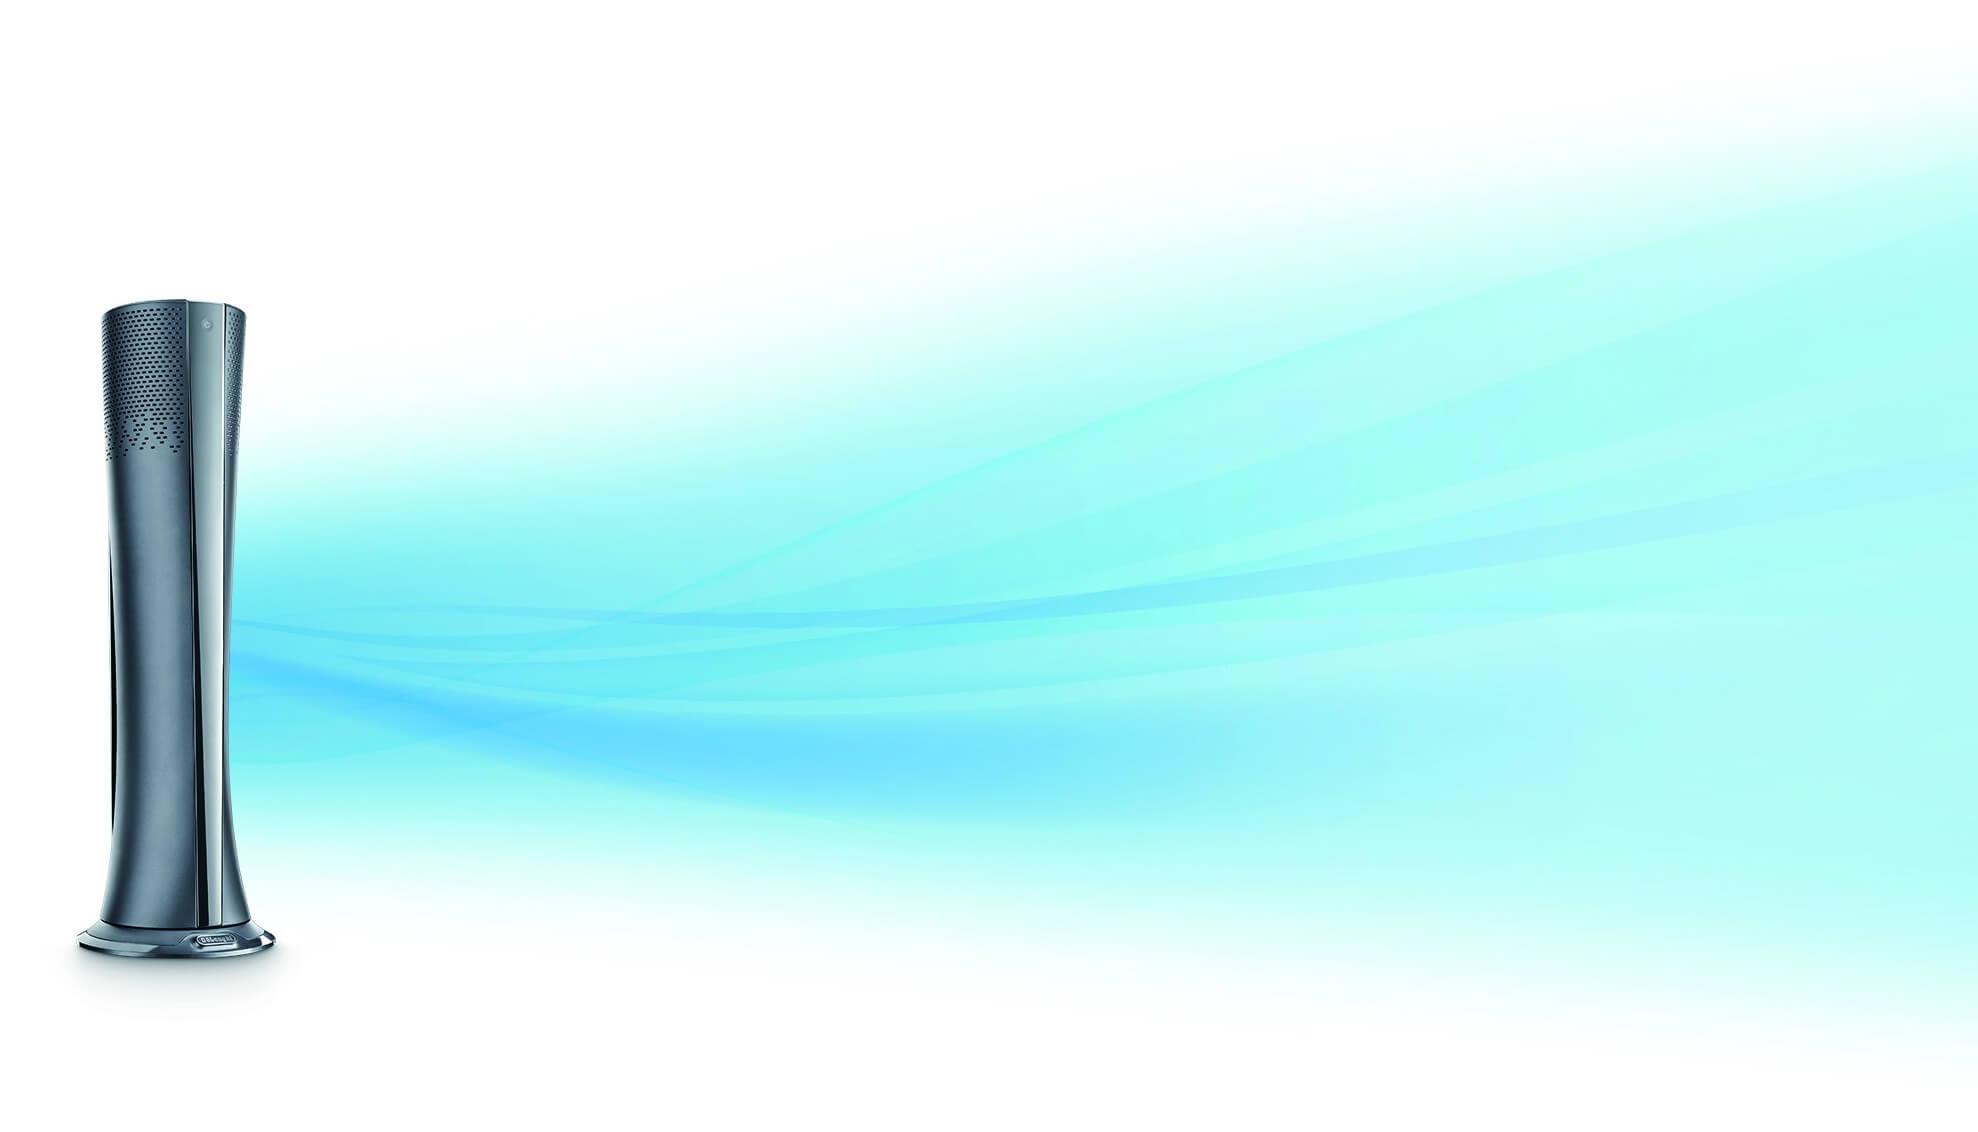 デロンギ「空気清浄機能付きファン」の特長 【涼風】冷えすぎないやわらかな風